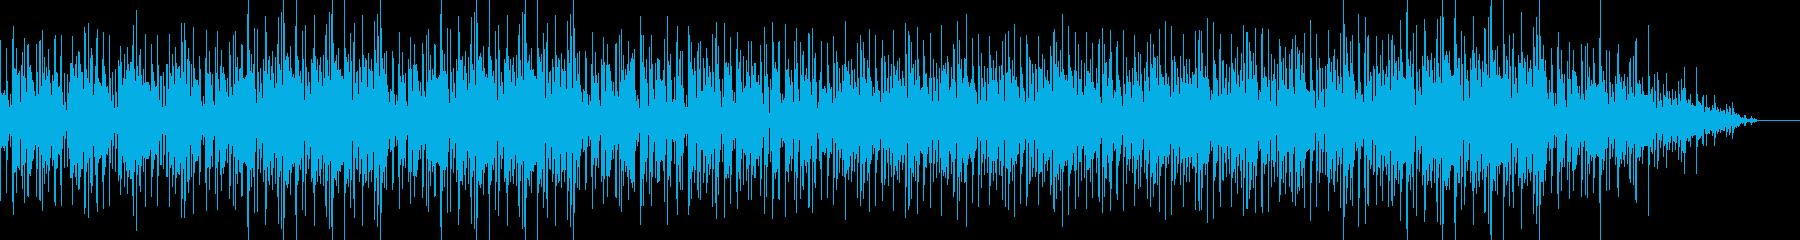 催眠的で威ac的なエレクトロニカグ...の再生済みの波形